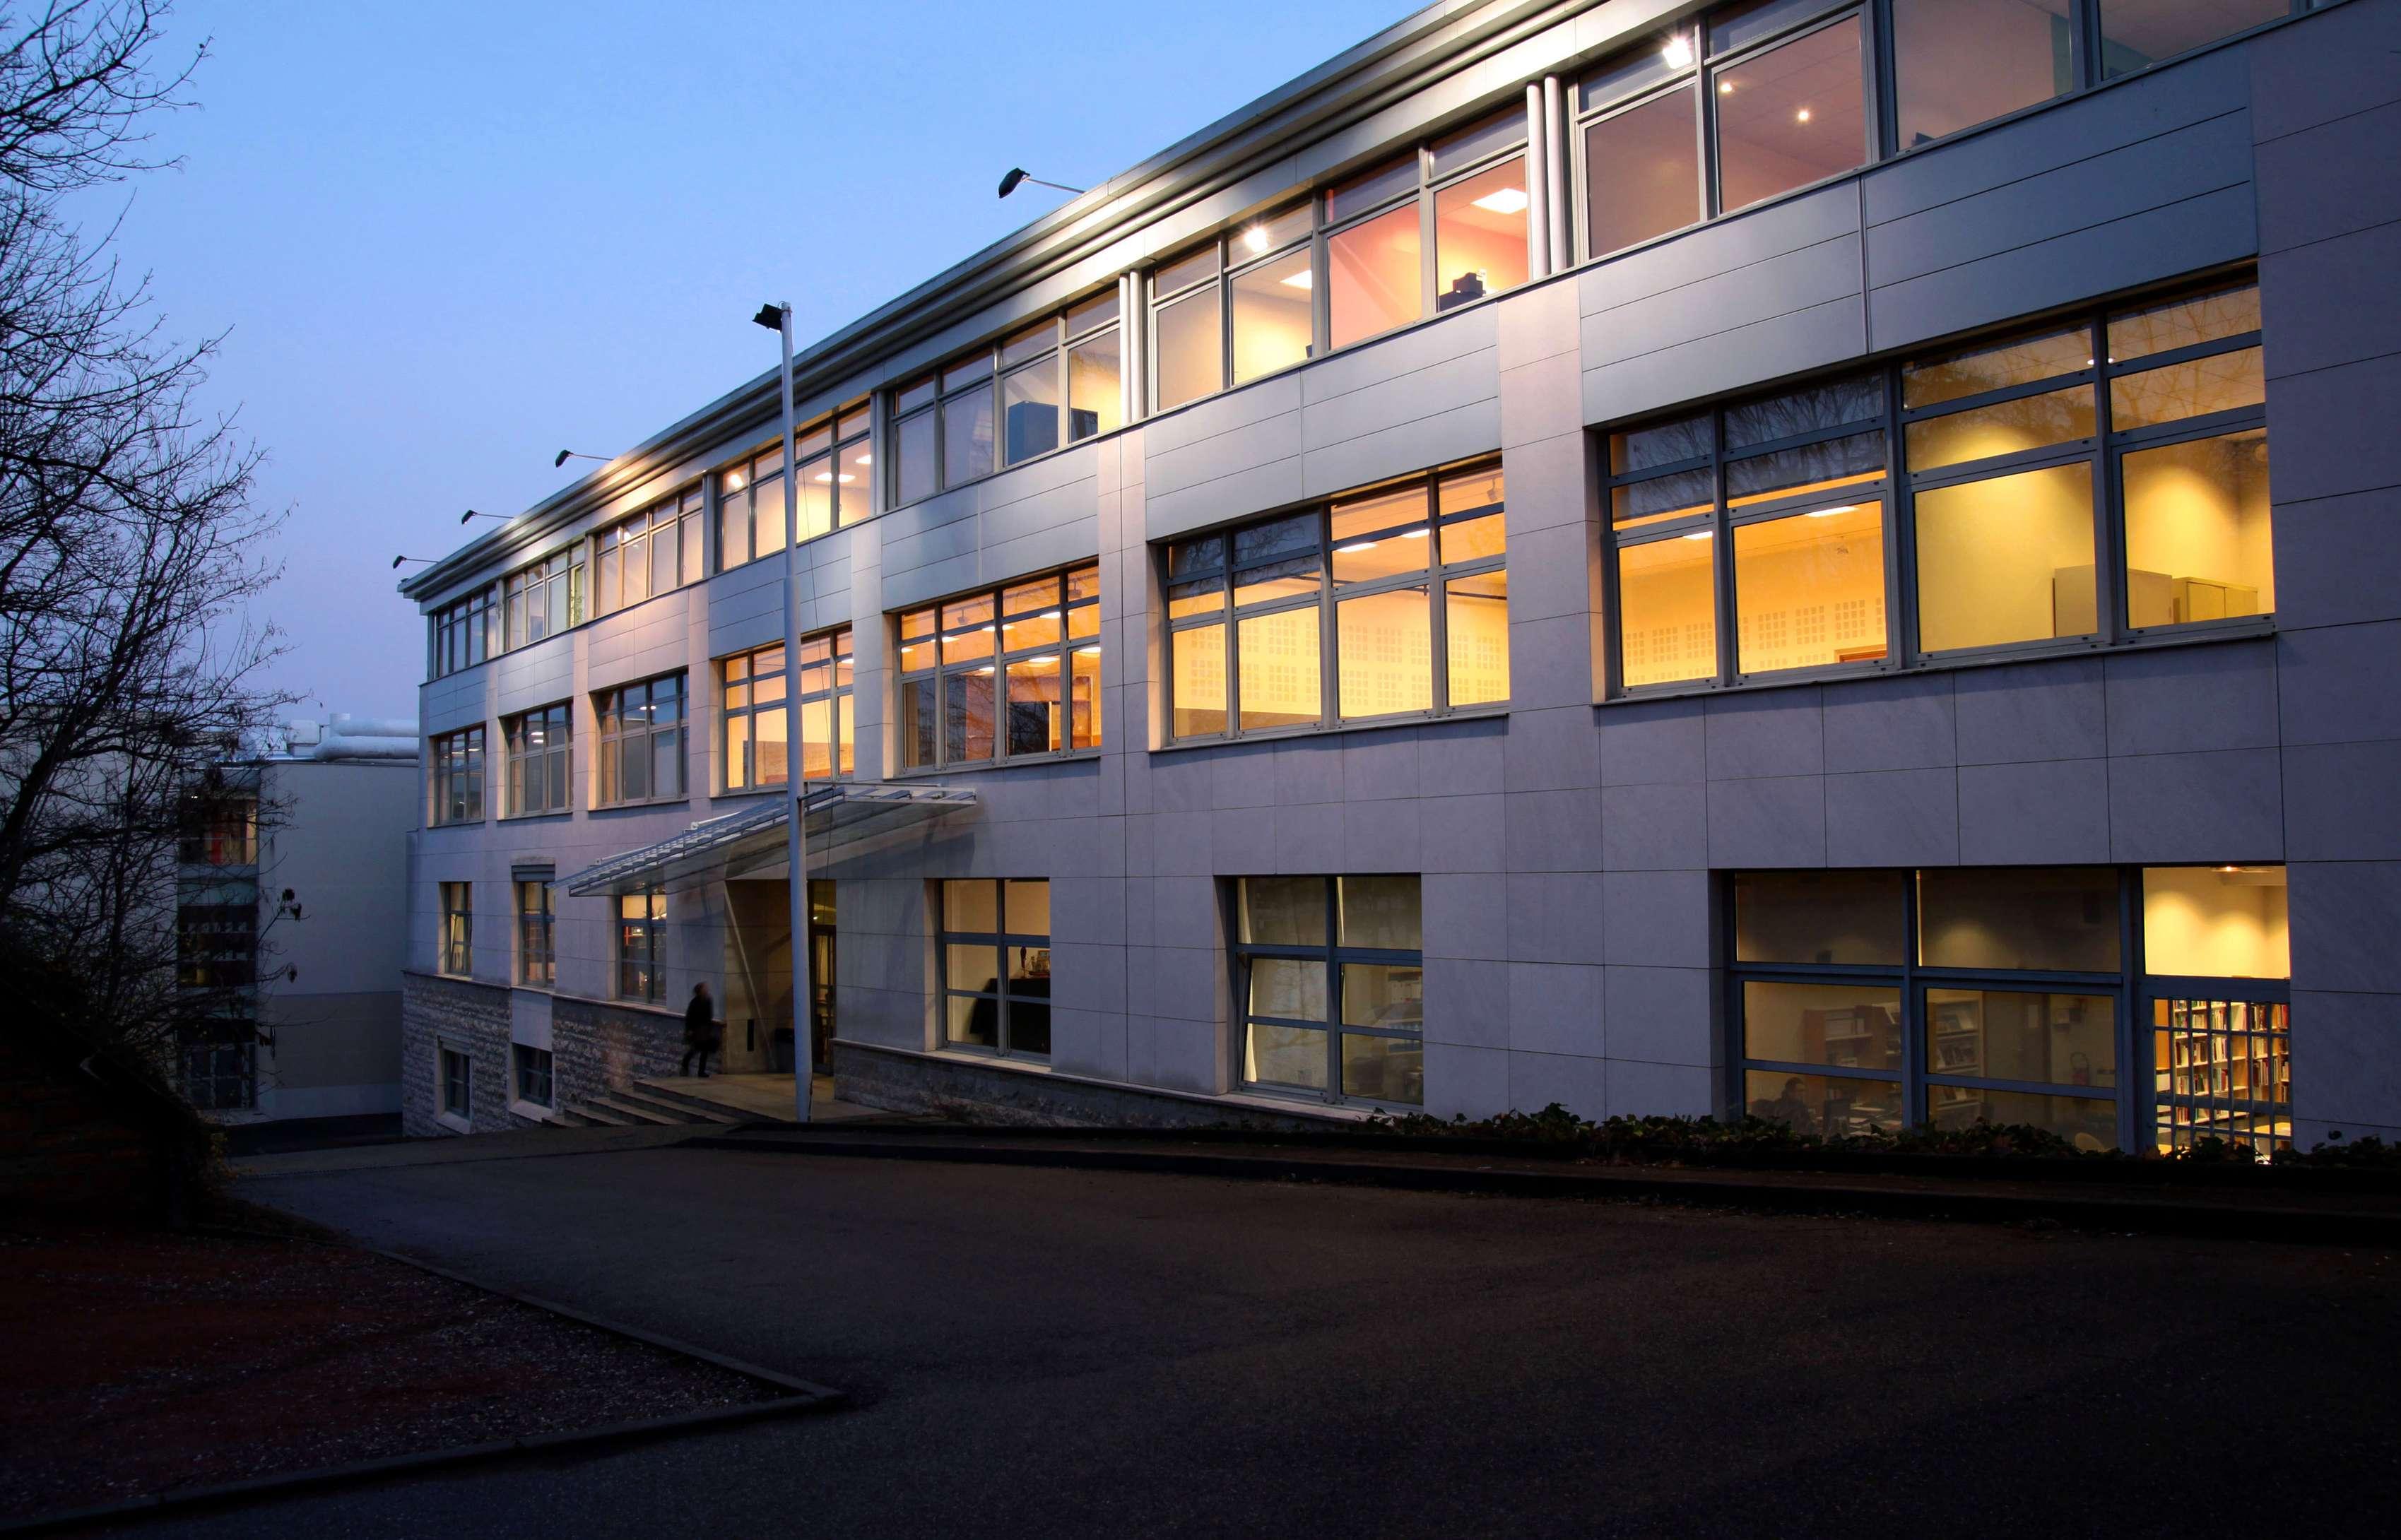 Le bâtiment de l'ENSATT au crépuscule